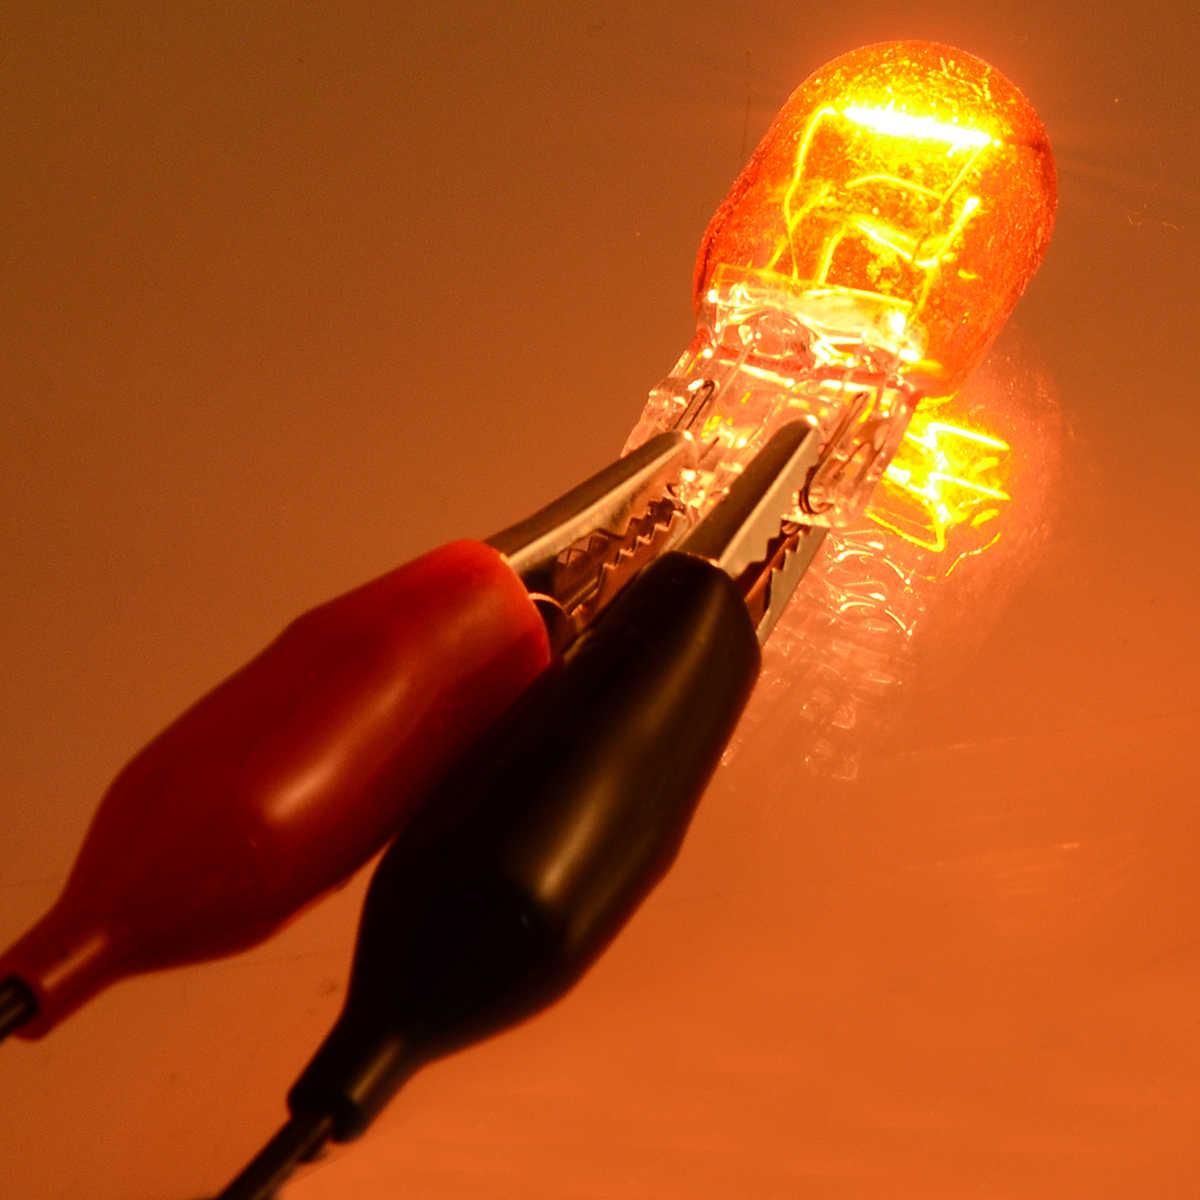 Source de lumière de voiture 2 pièces DRL T20 7443 7440 W21/5W ampoule halogène double Filament ambre verre indicateur lumineux clignotants